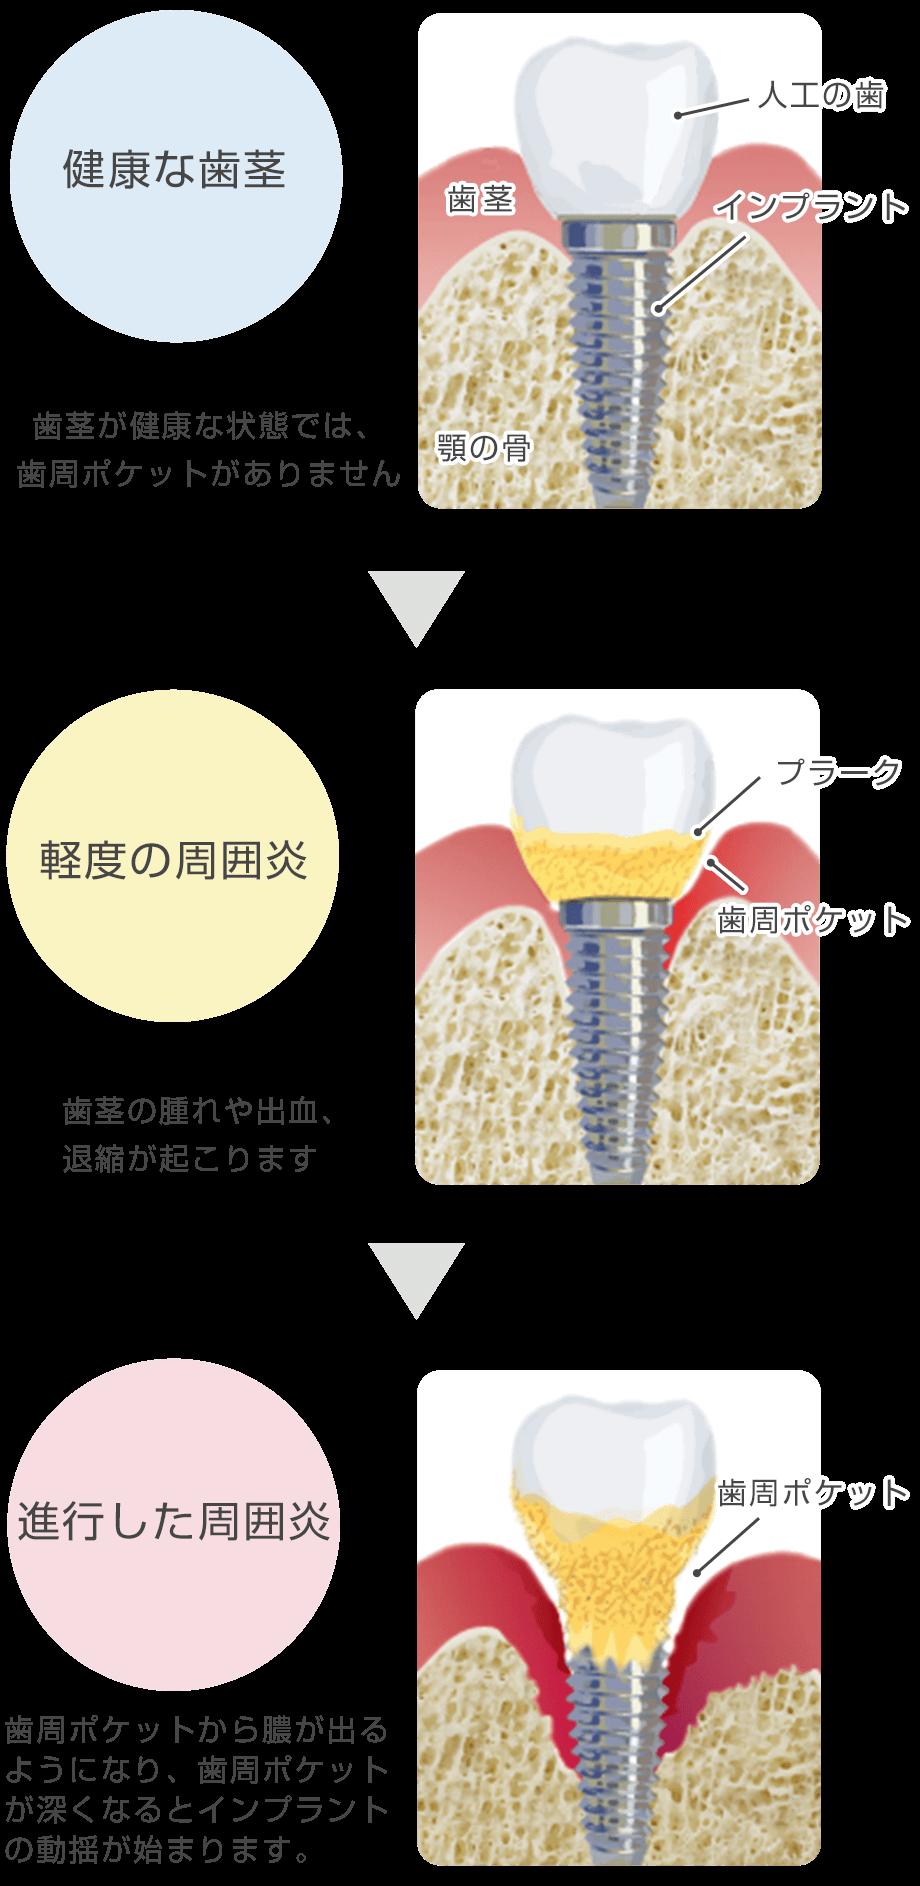 インプラント周囲炎の進行度と症状